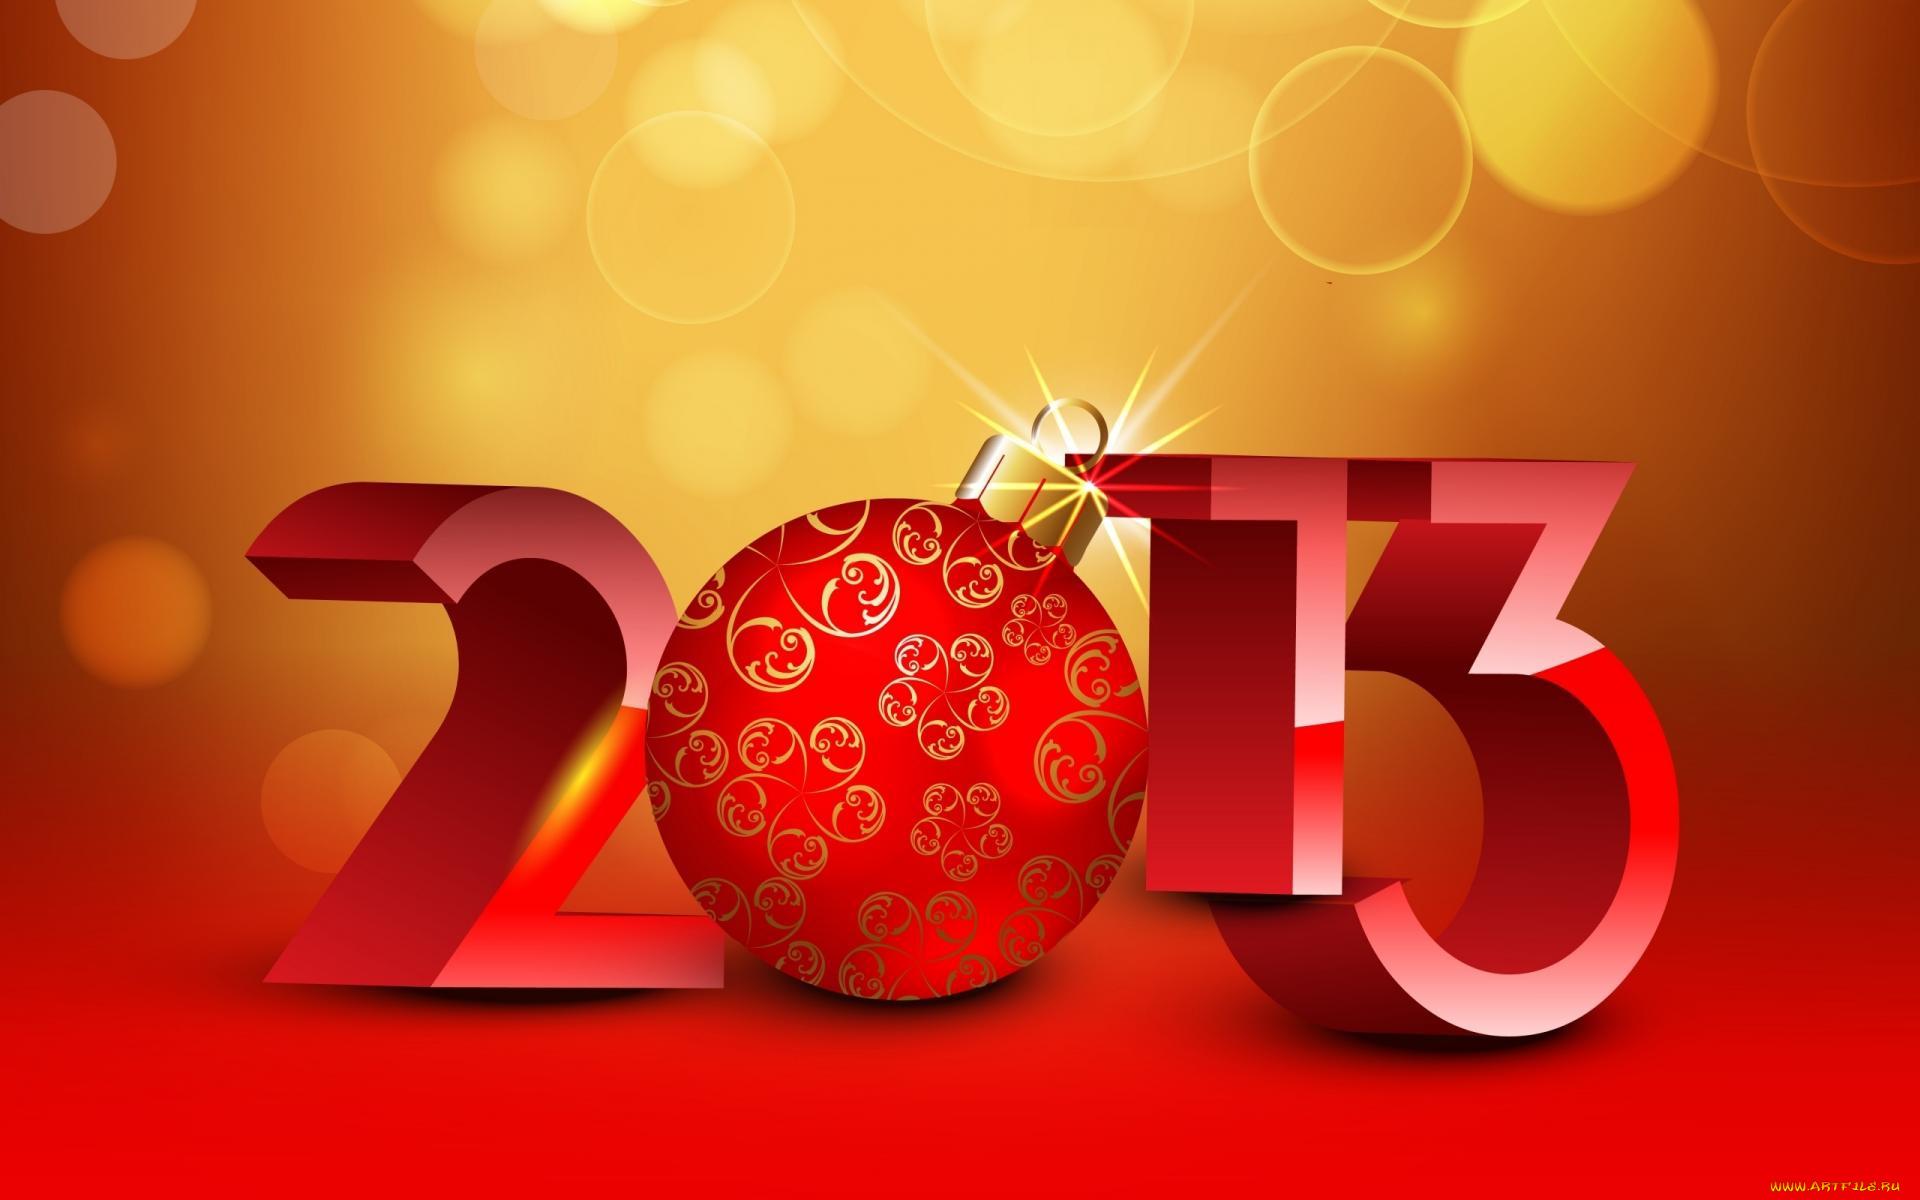 Картинки открытки с новым годом 2013